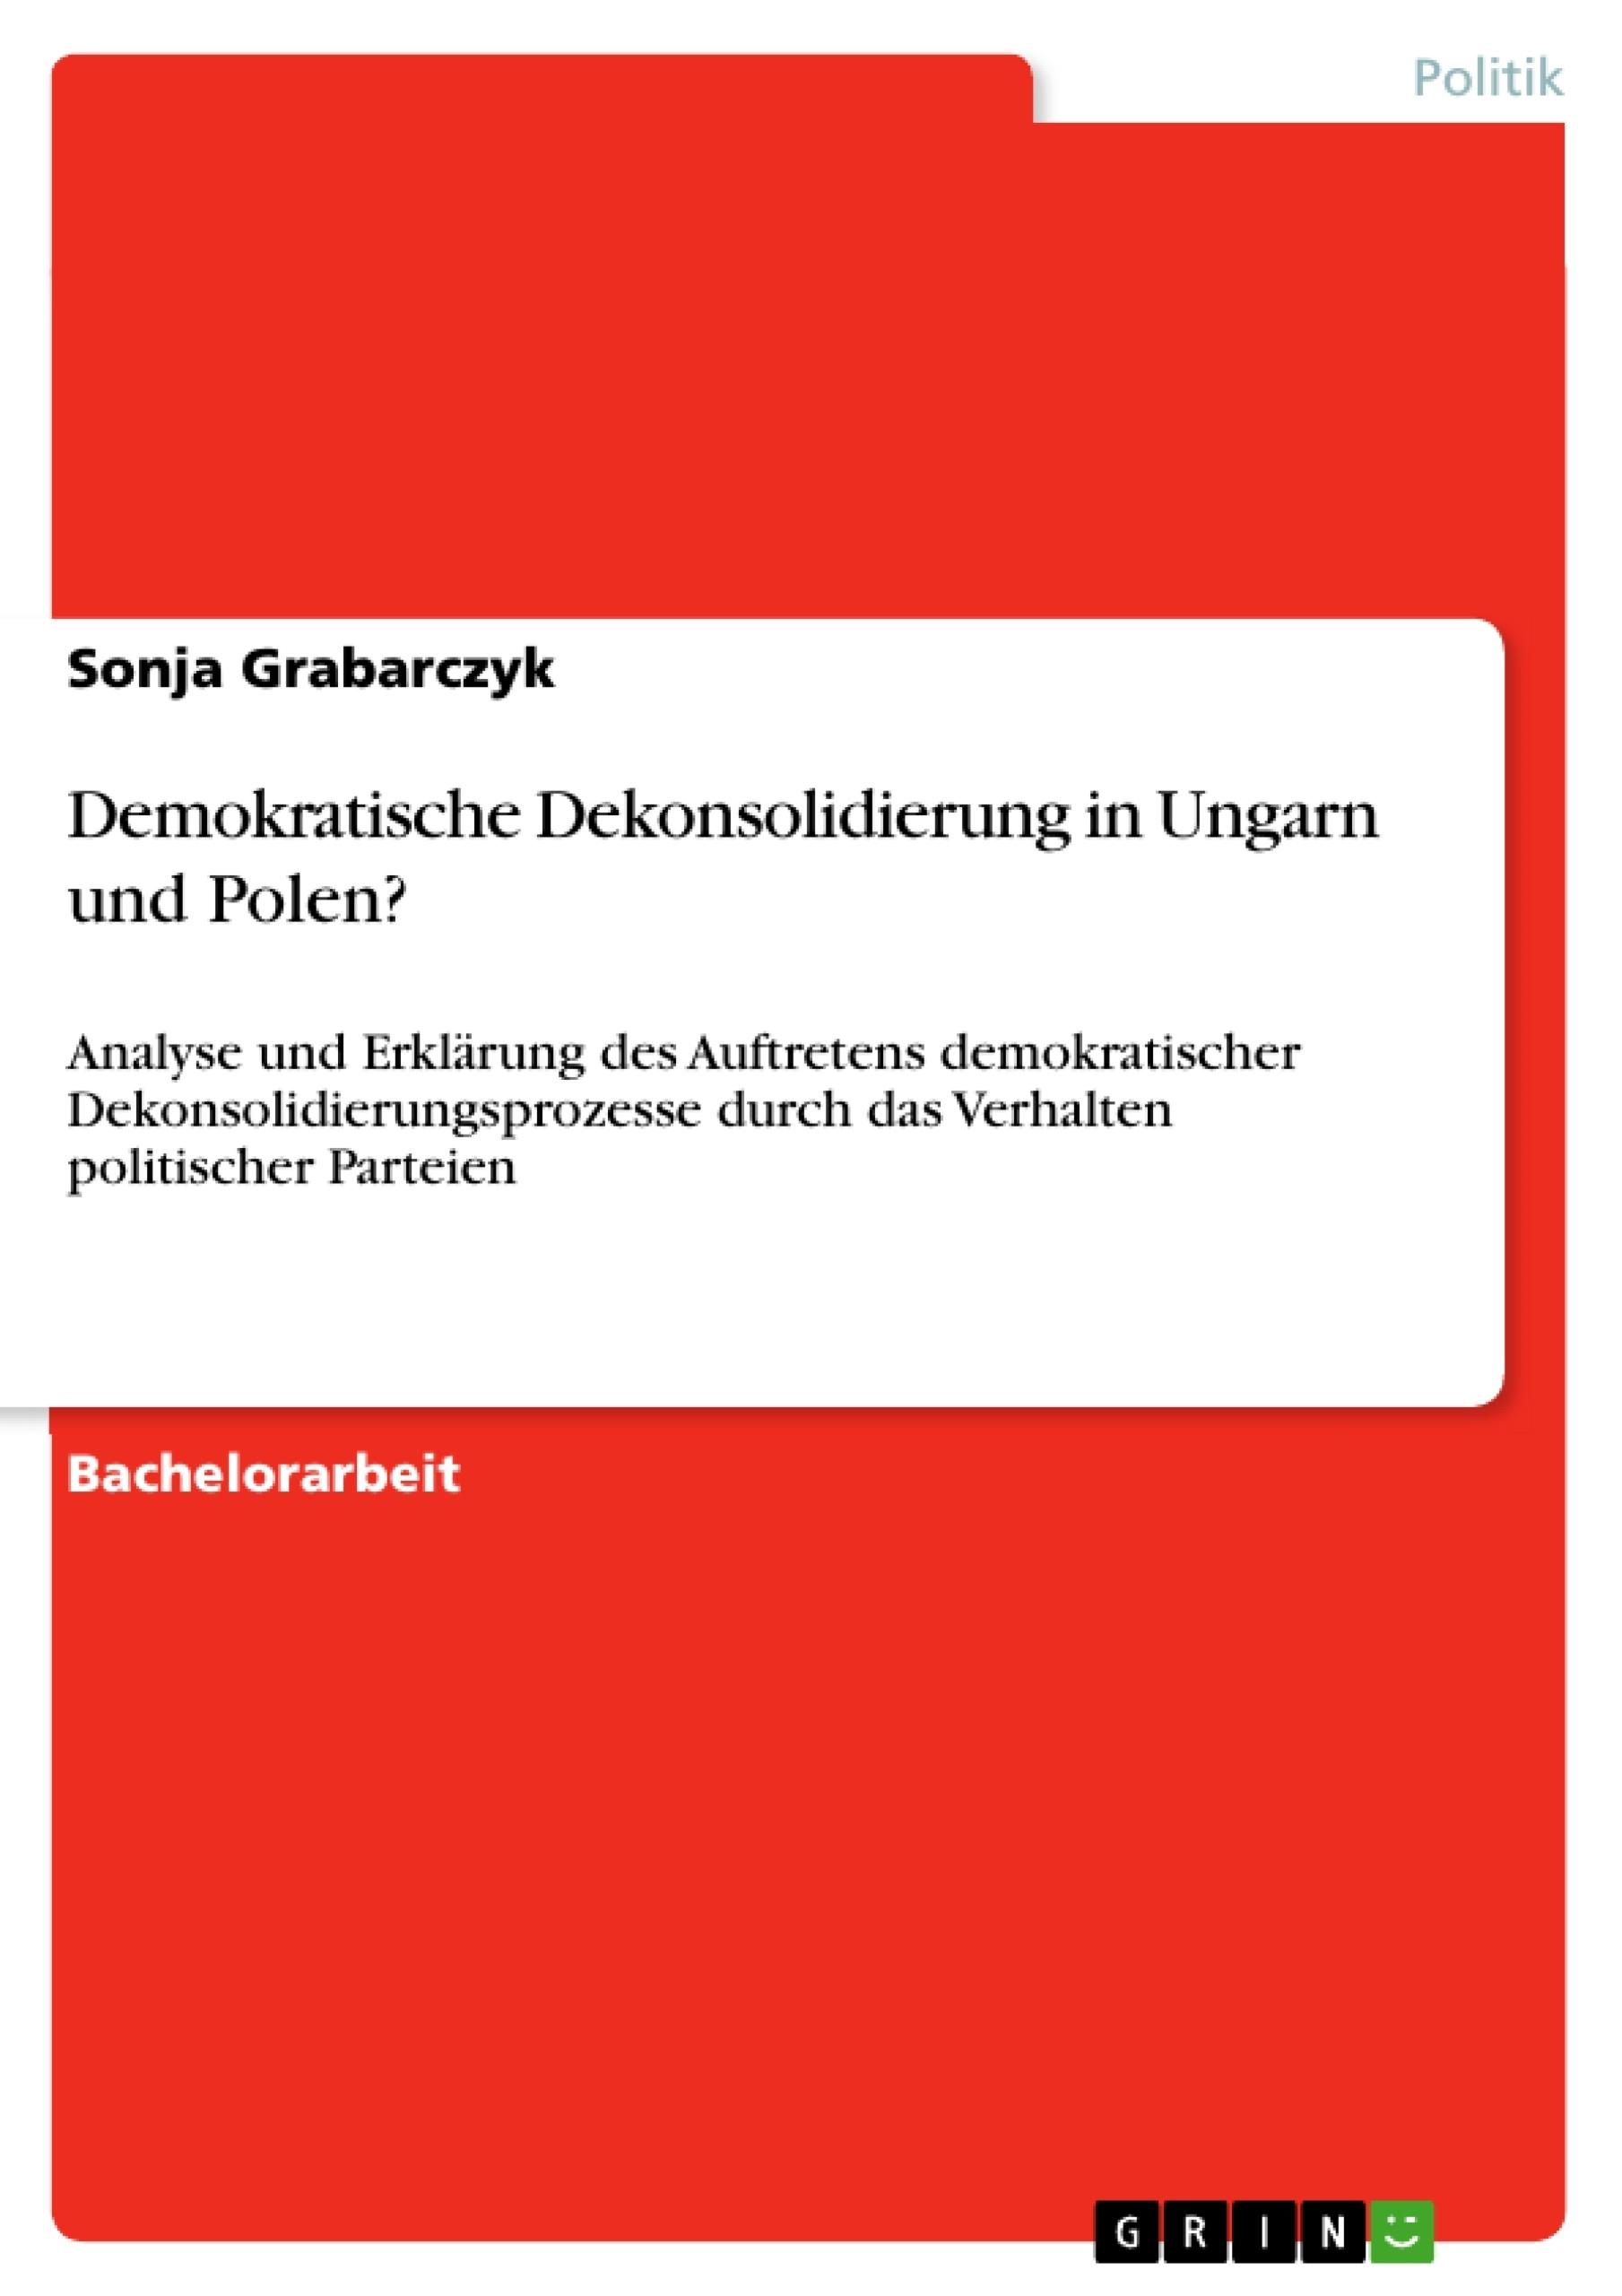 Titel: Demokratische Dekonsolidierung in Ungarn und Polen?